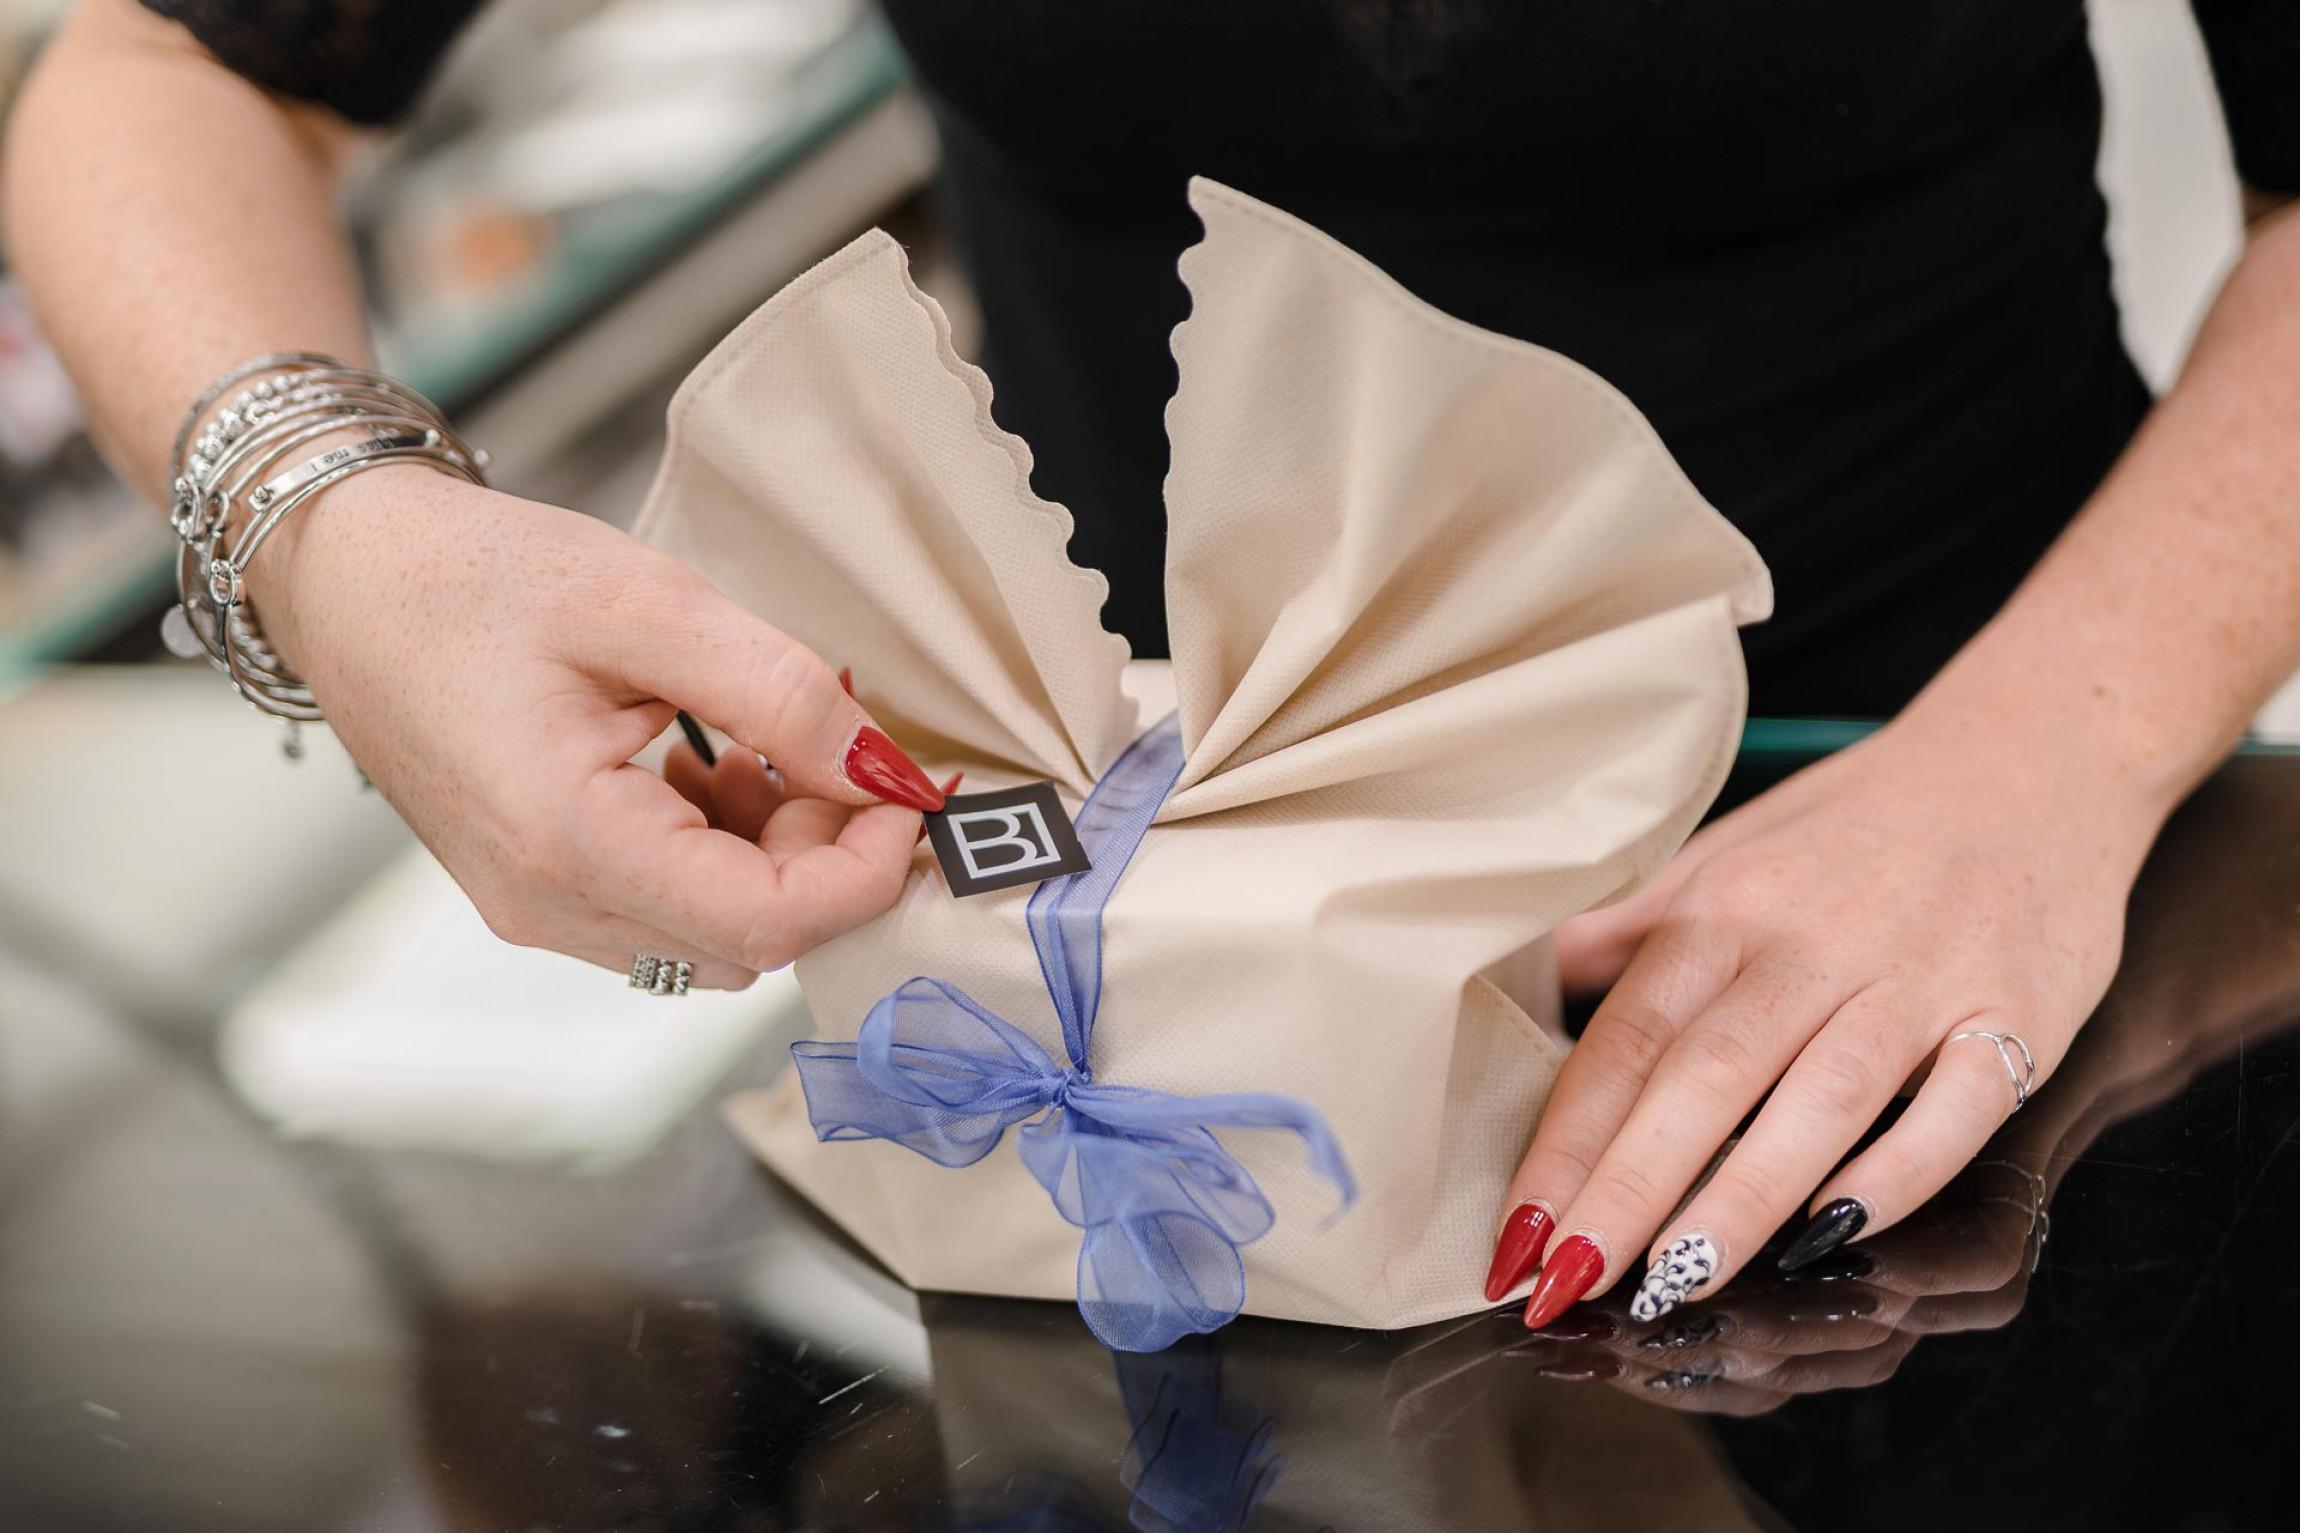 eurobijoux gioielleria accessori oggettistica idee regalo